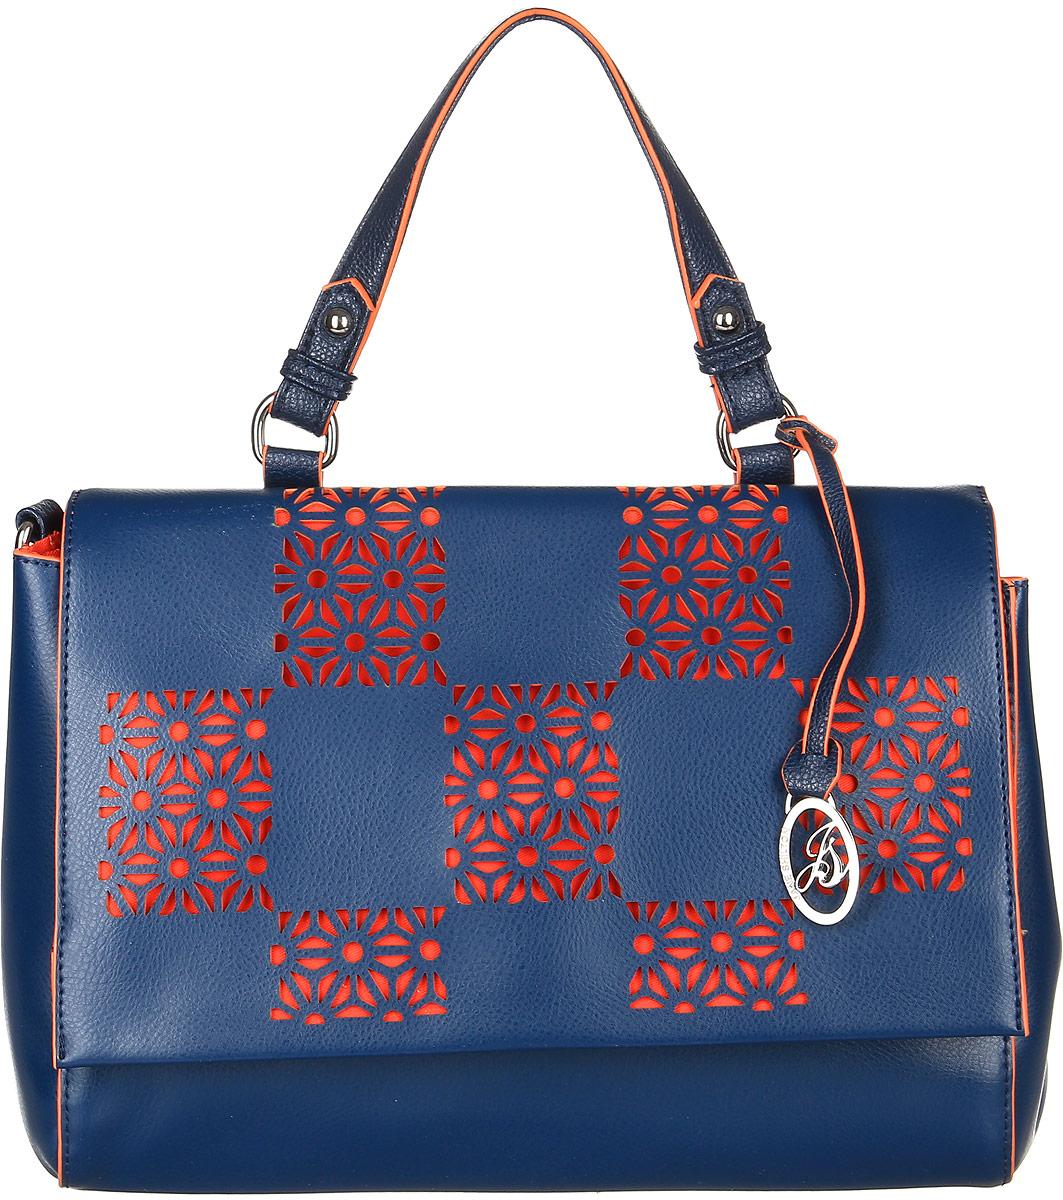 Сумка женская Jane Shilton, цвет: темно-синий. 2314BM8434-58AEСтильная сумка на одной ручке и съемном ремне. Застегивается клапаном на магните. Внутри разделитель, кармашек на молнии и карман для мобильного телефона. Сзади прорезной карман на молнии.